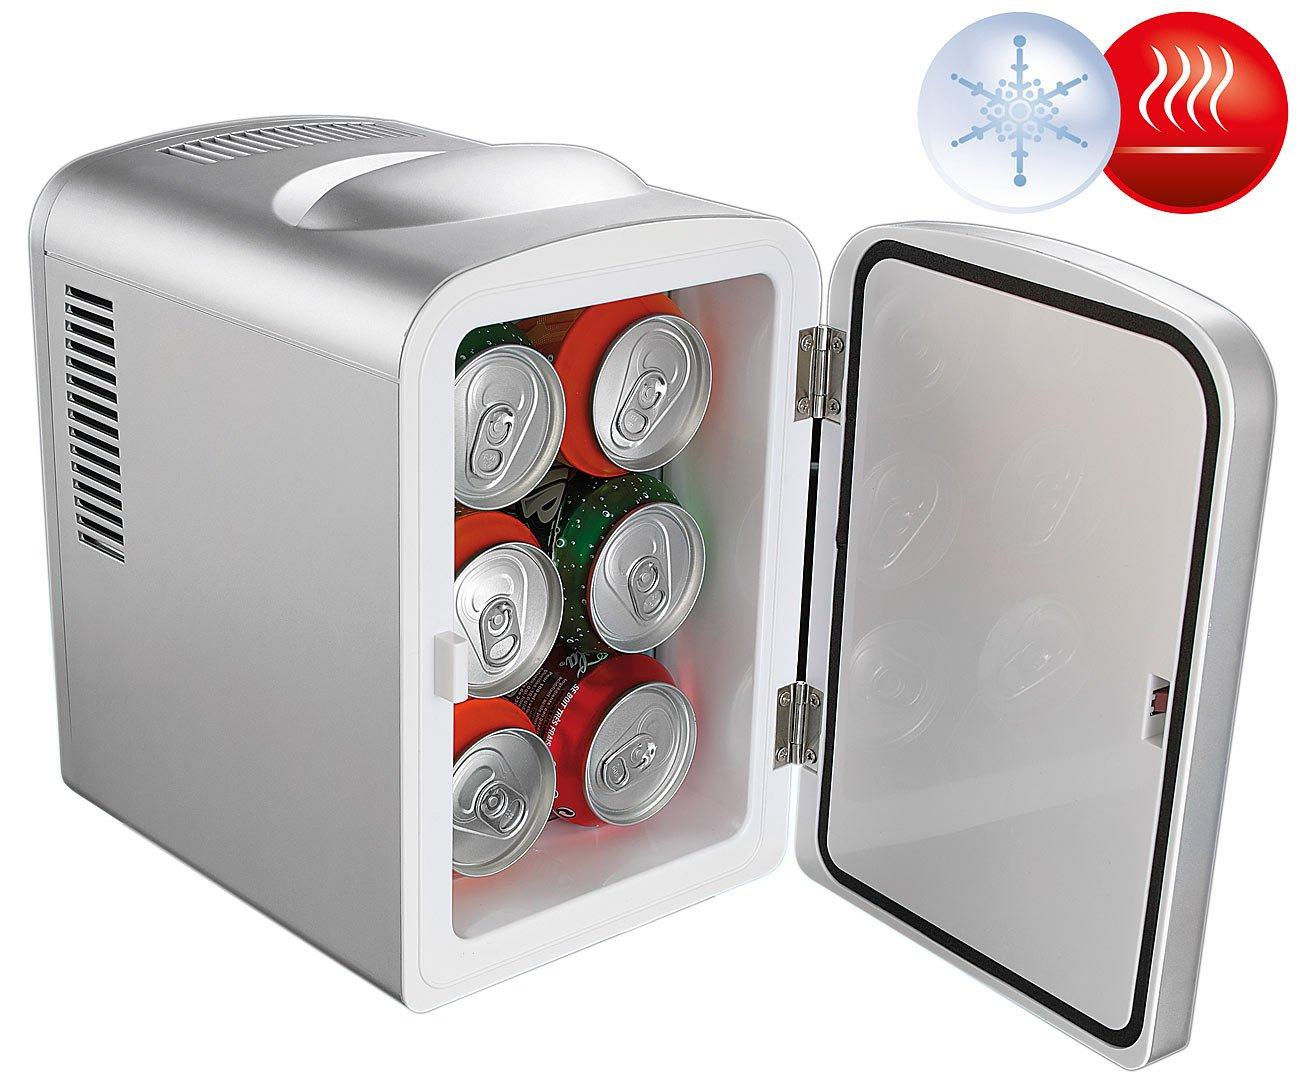 Mini réfrigérateur 2 en 1 avec prise 12 / 230 V - Gris Rosenstein & Söhne NC-3401